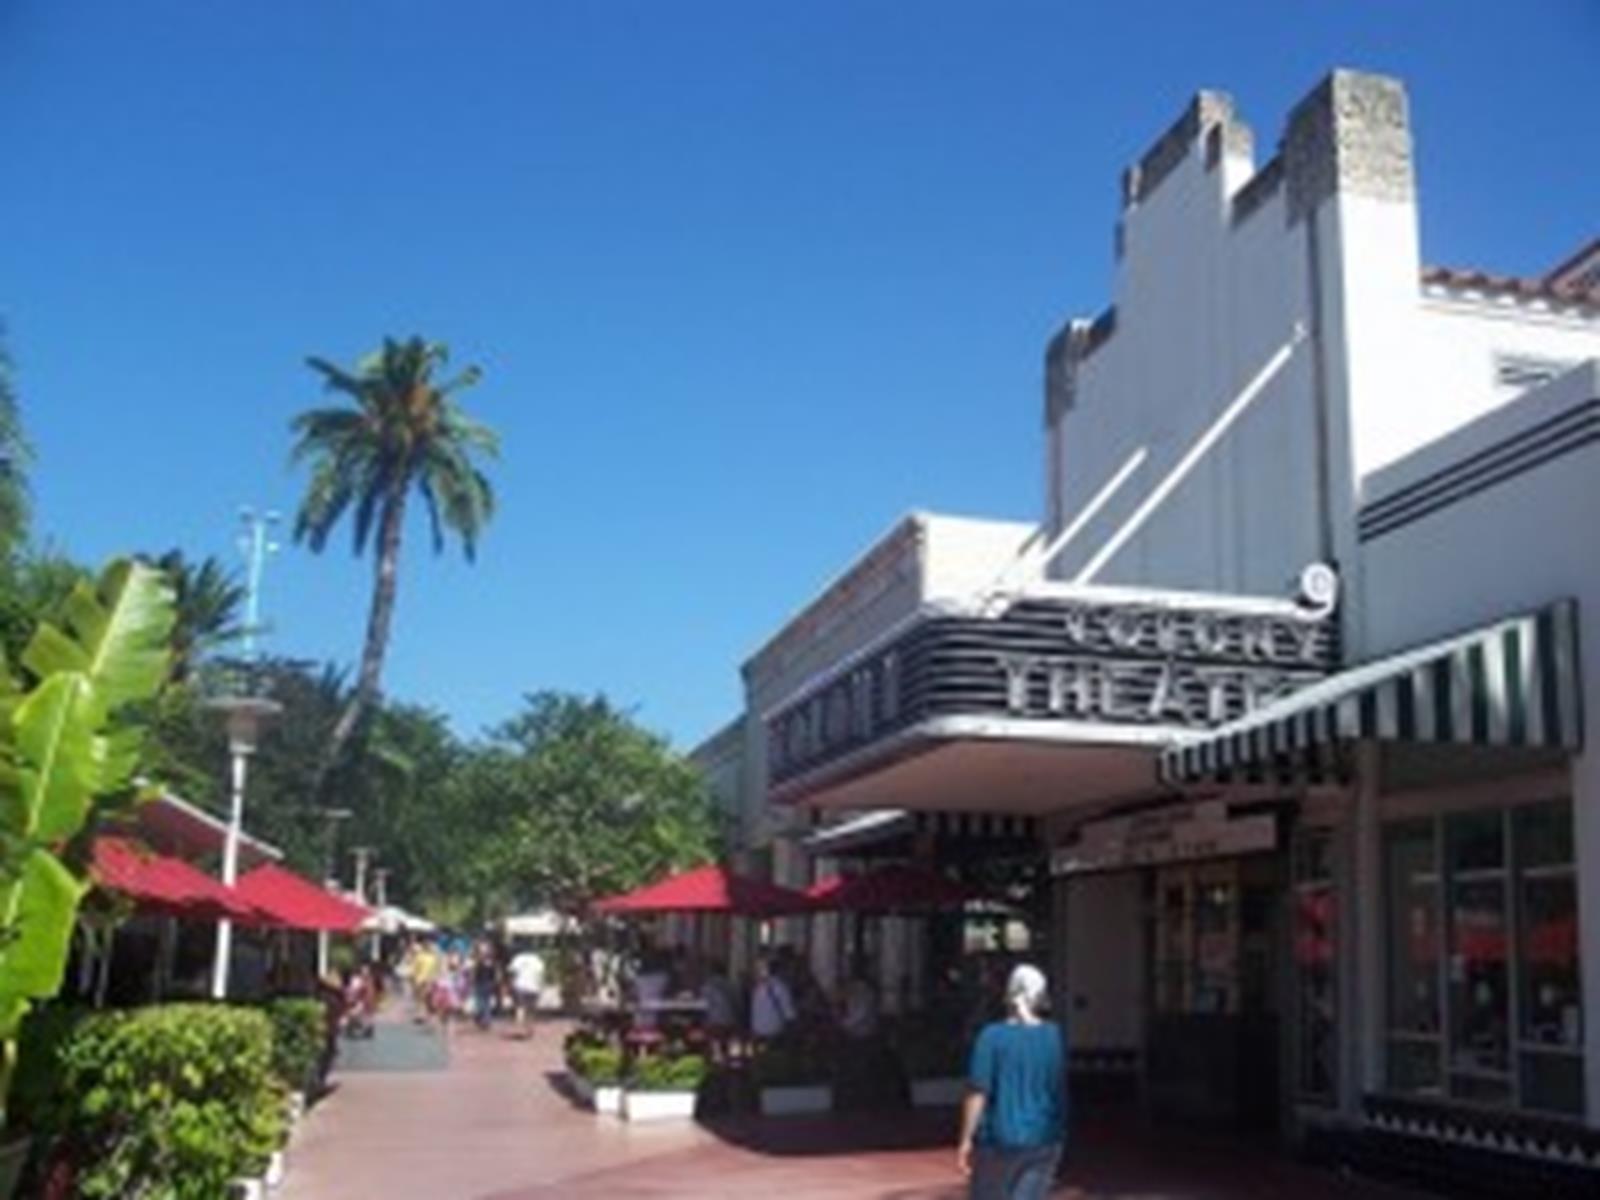 Miami's Colony Theatre